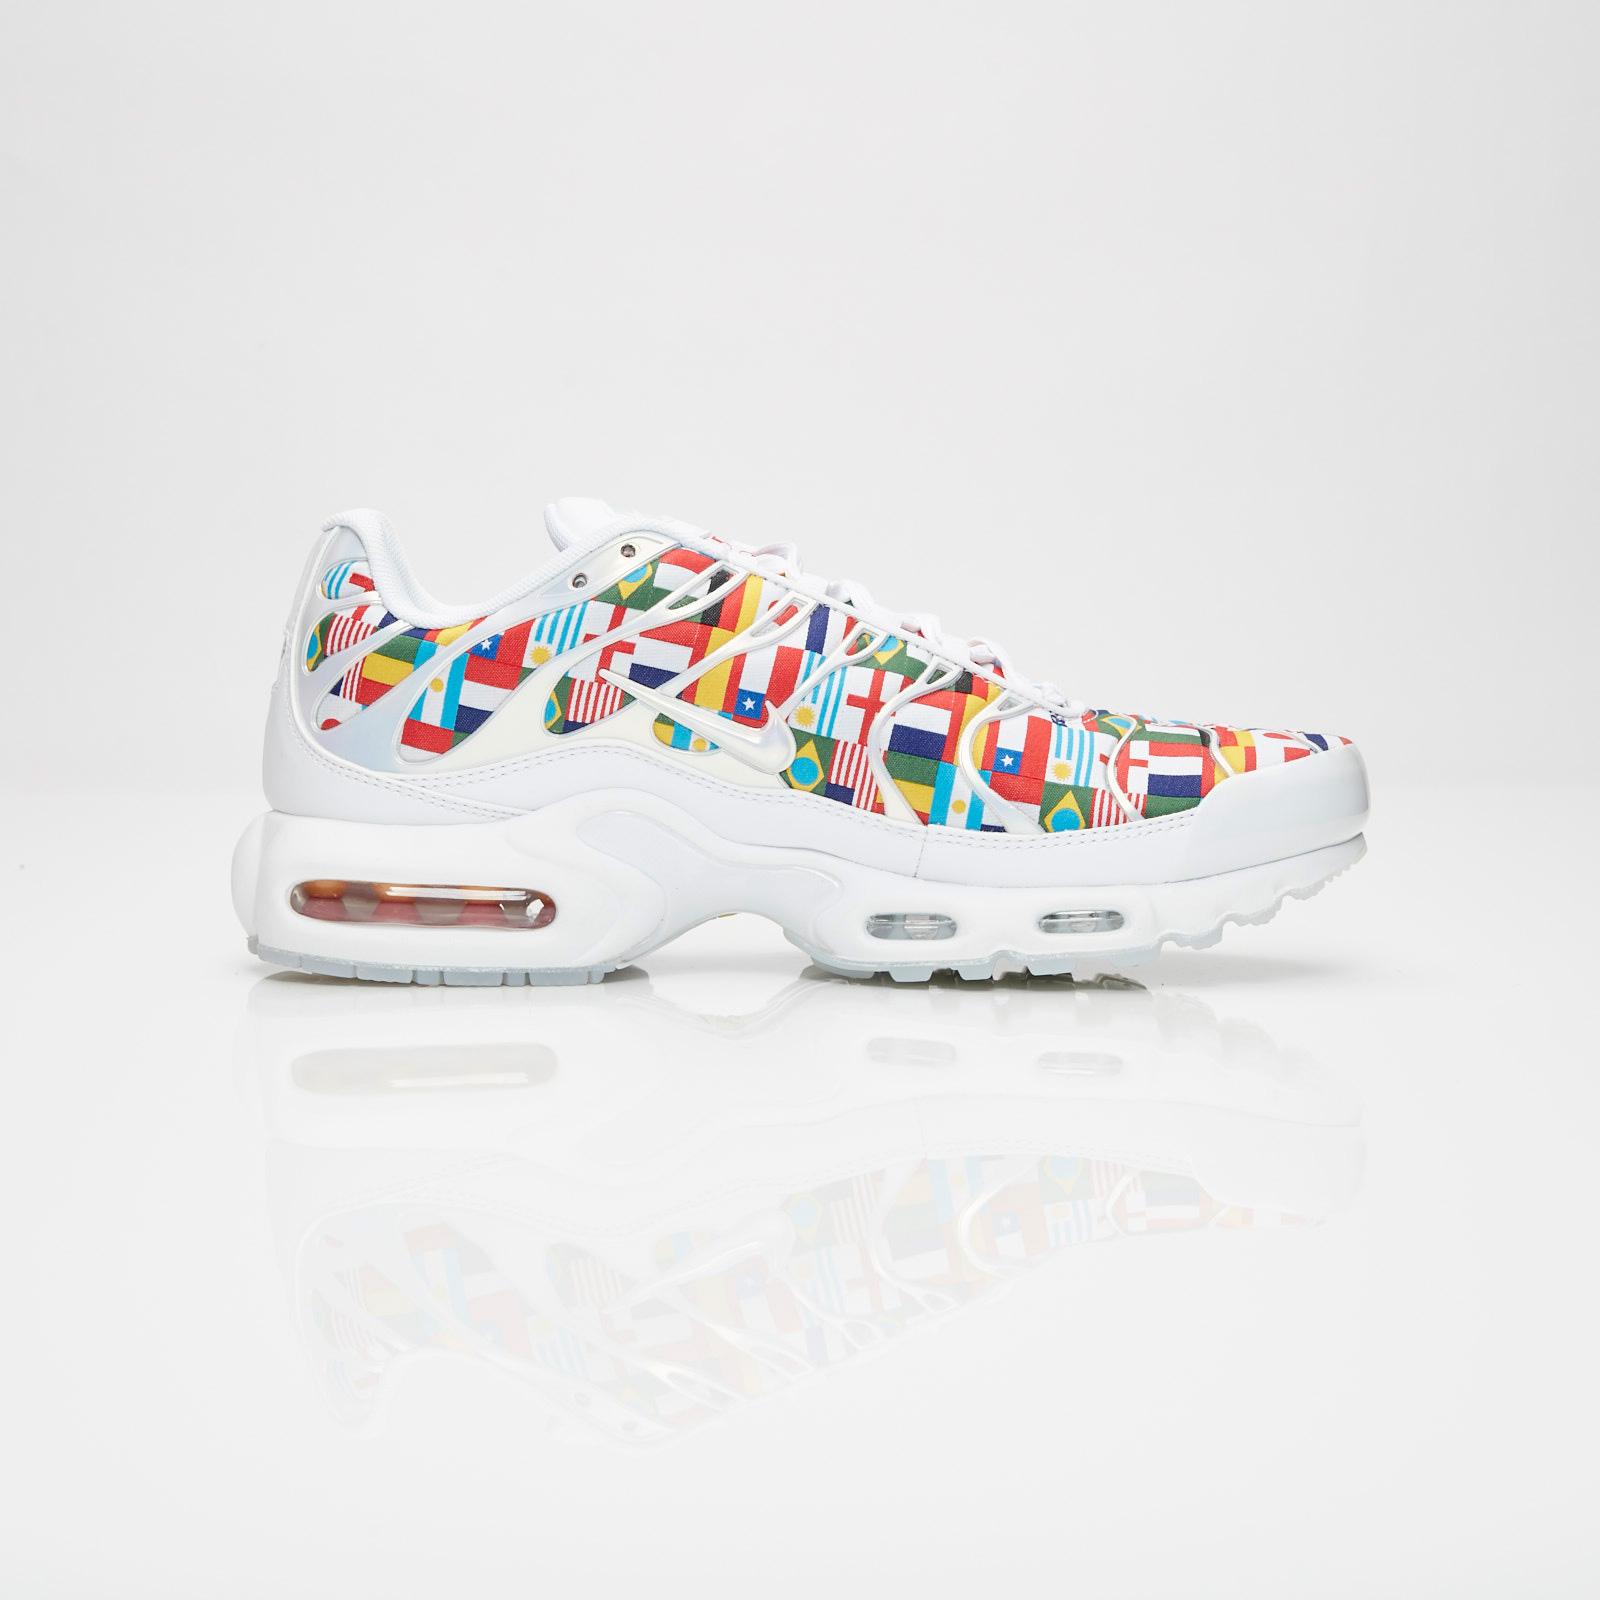 6cf316165b Nike Air Max Plus NIC QS - Ao5117-100 - Sneakersnstuff | sneakers &  streetwear online since 1999